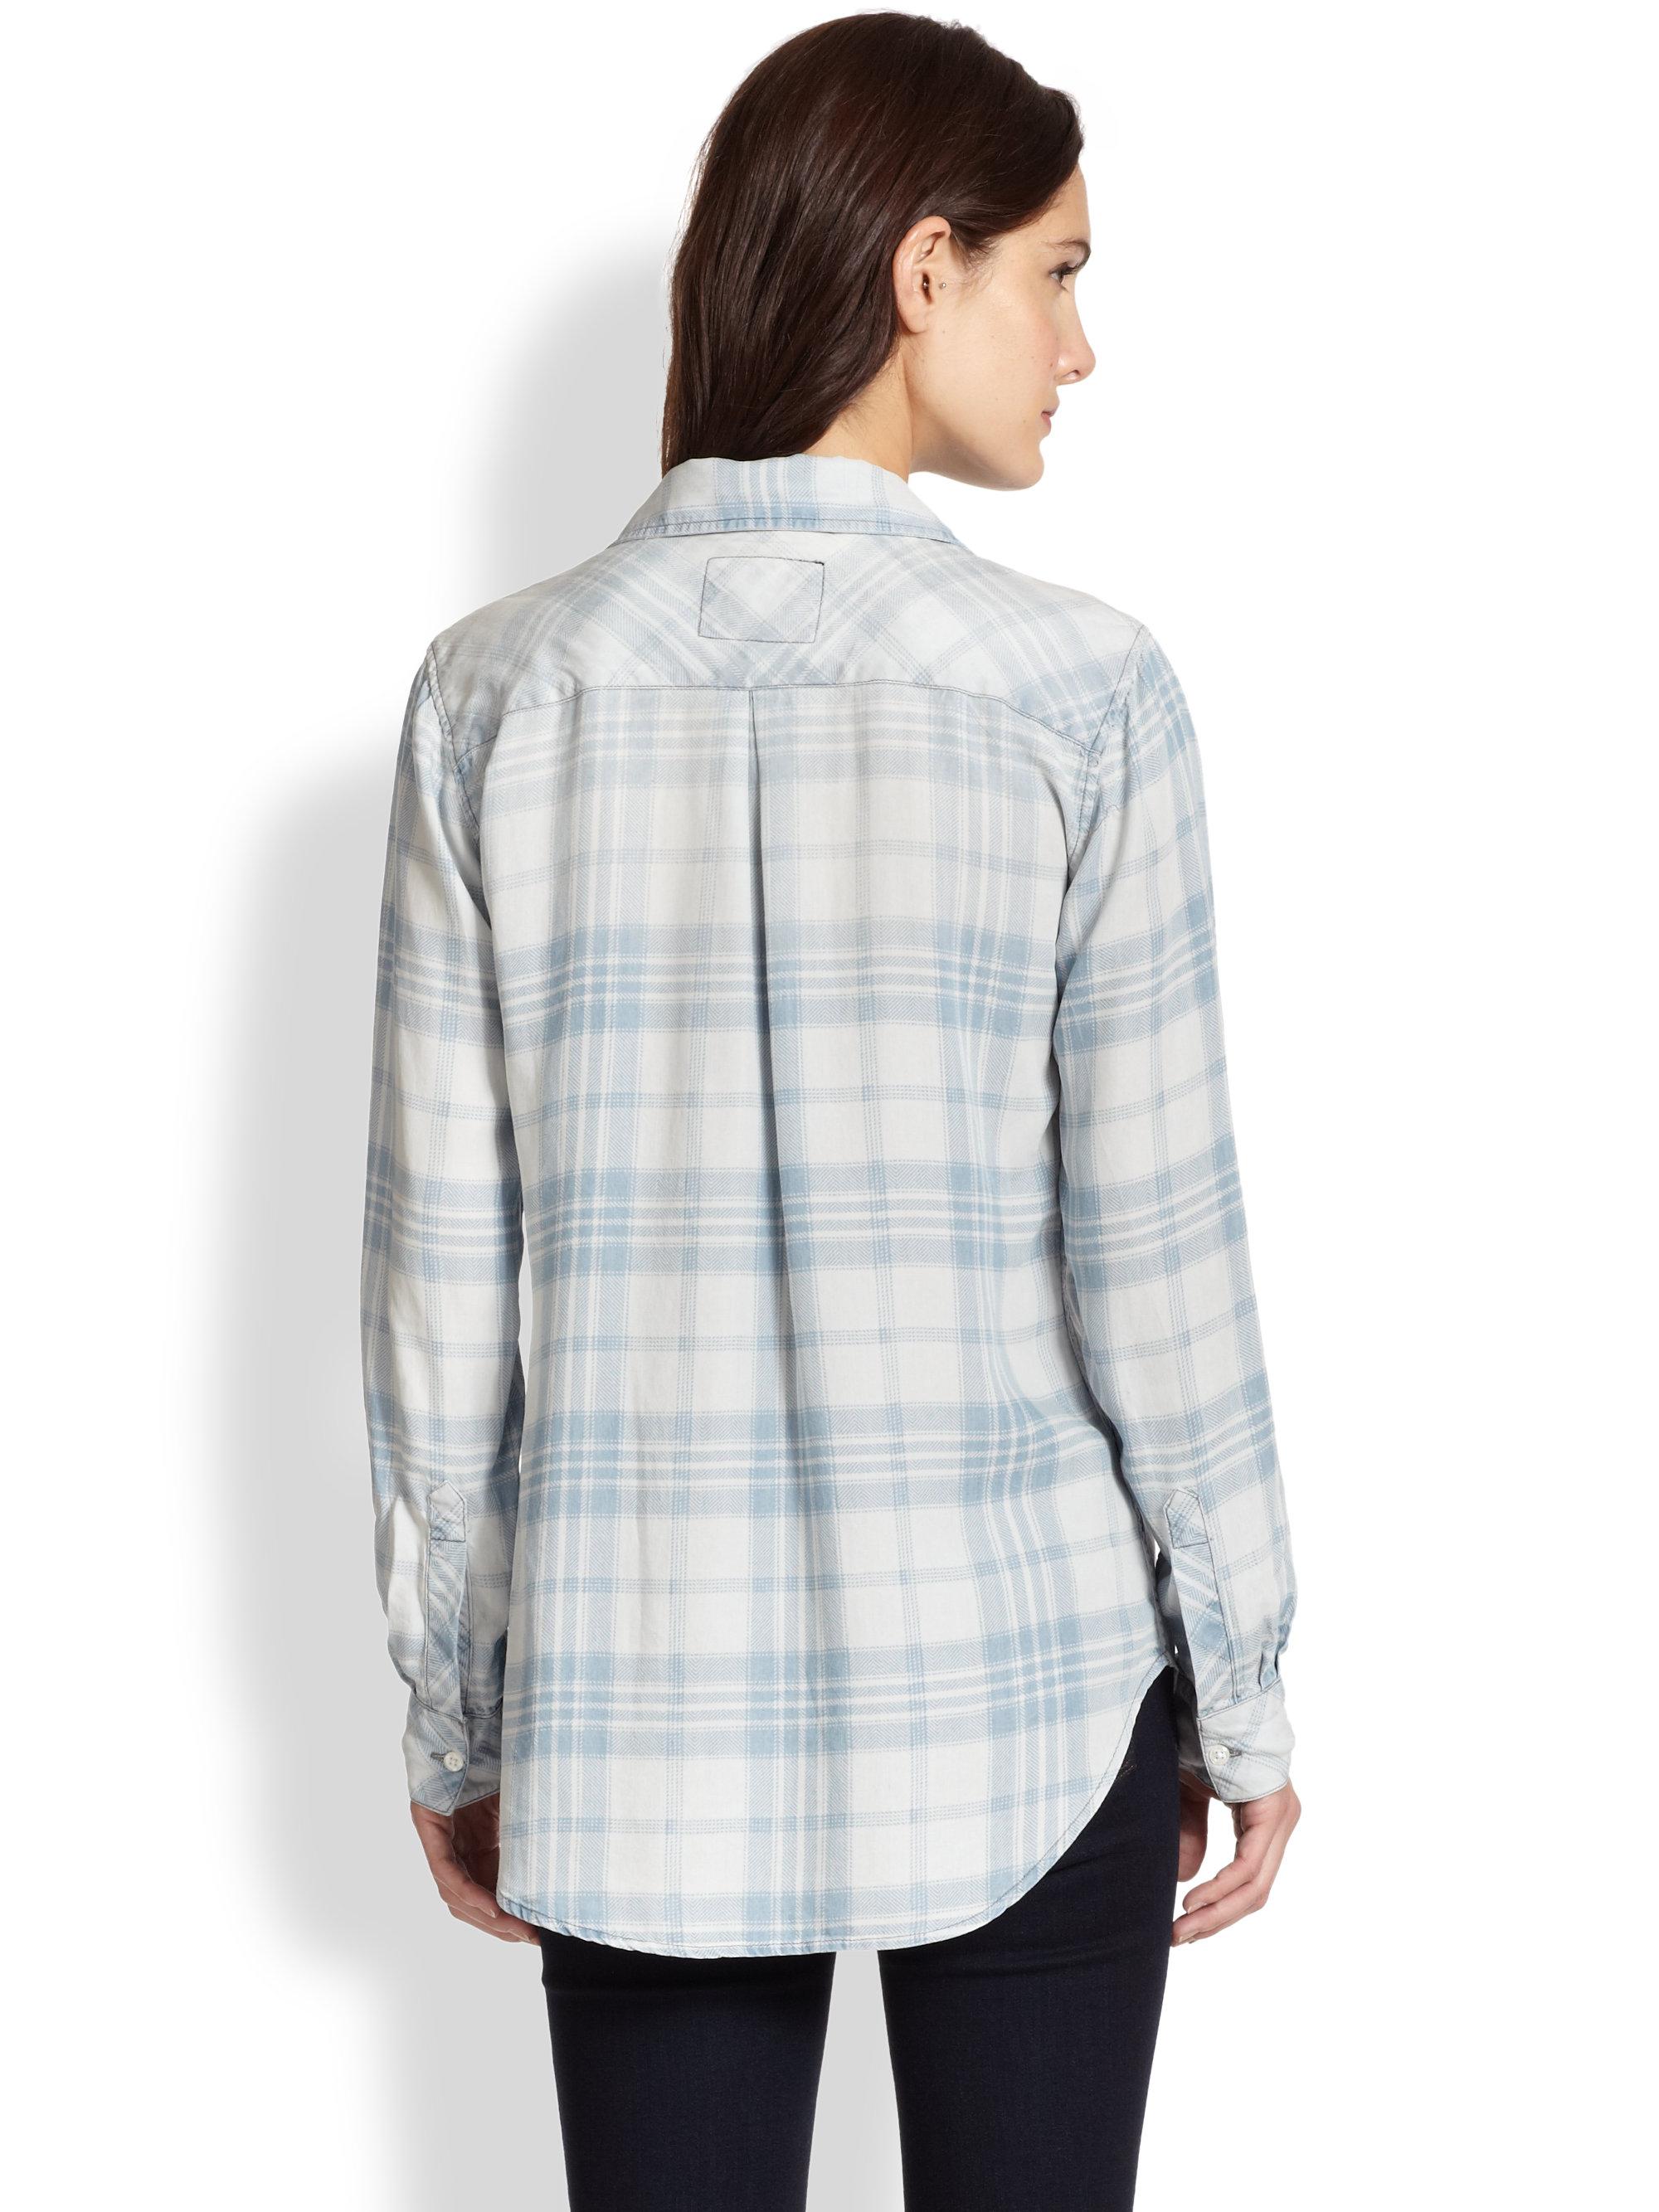 Lyst rails liam plaid chambray shirt in gray for Grey plaid shirt womens